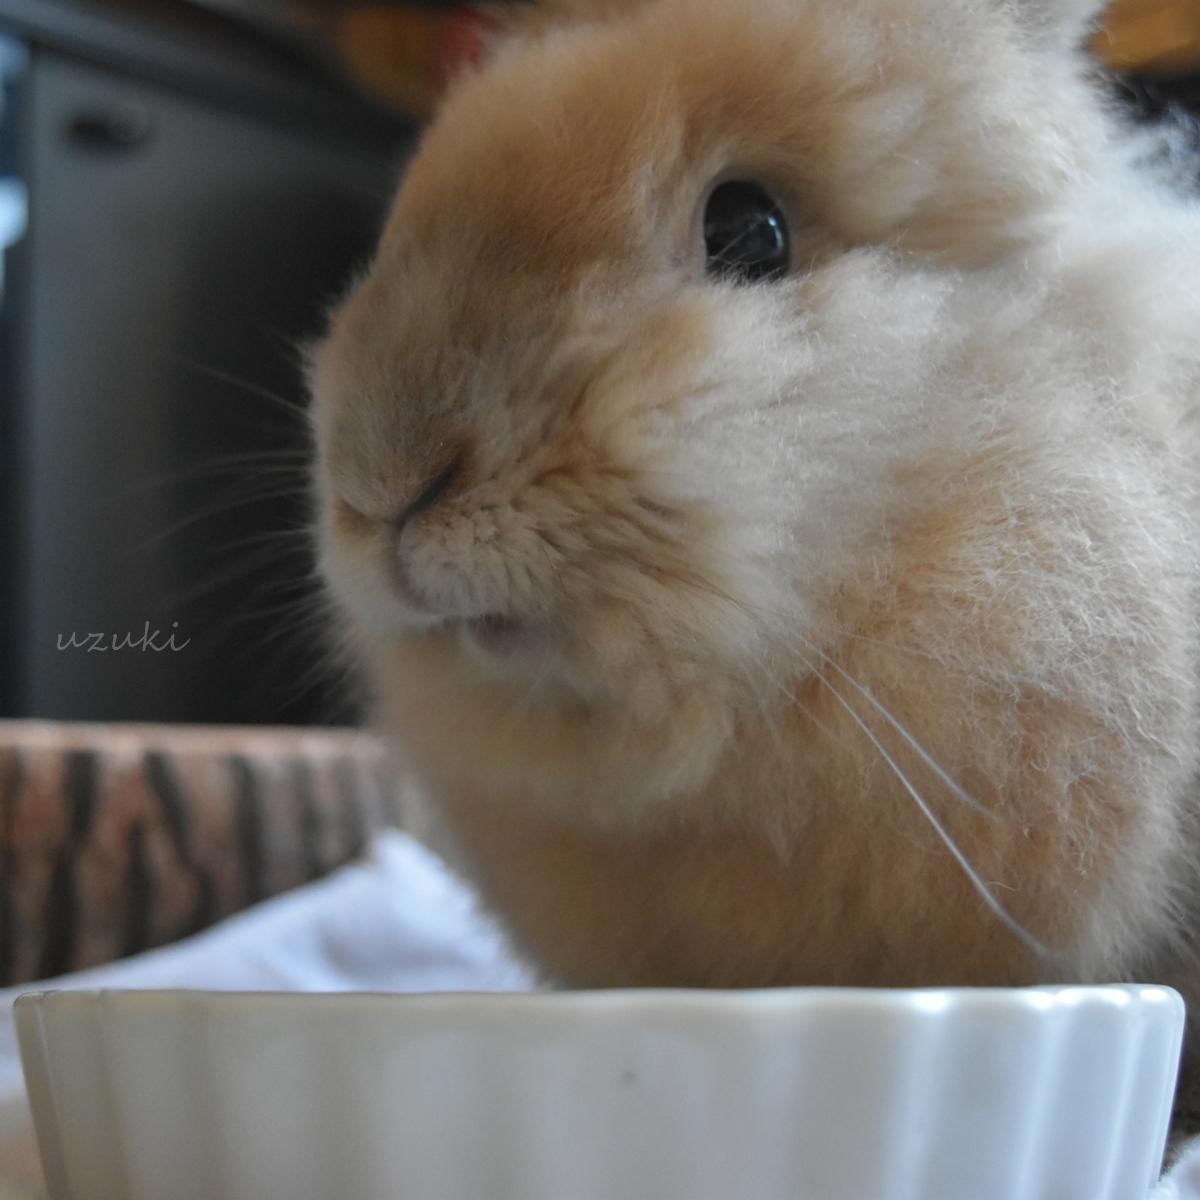 朝ごはんを食べているうさぎの小二郎